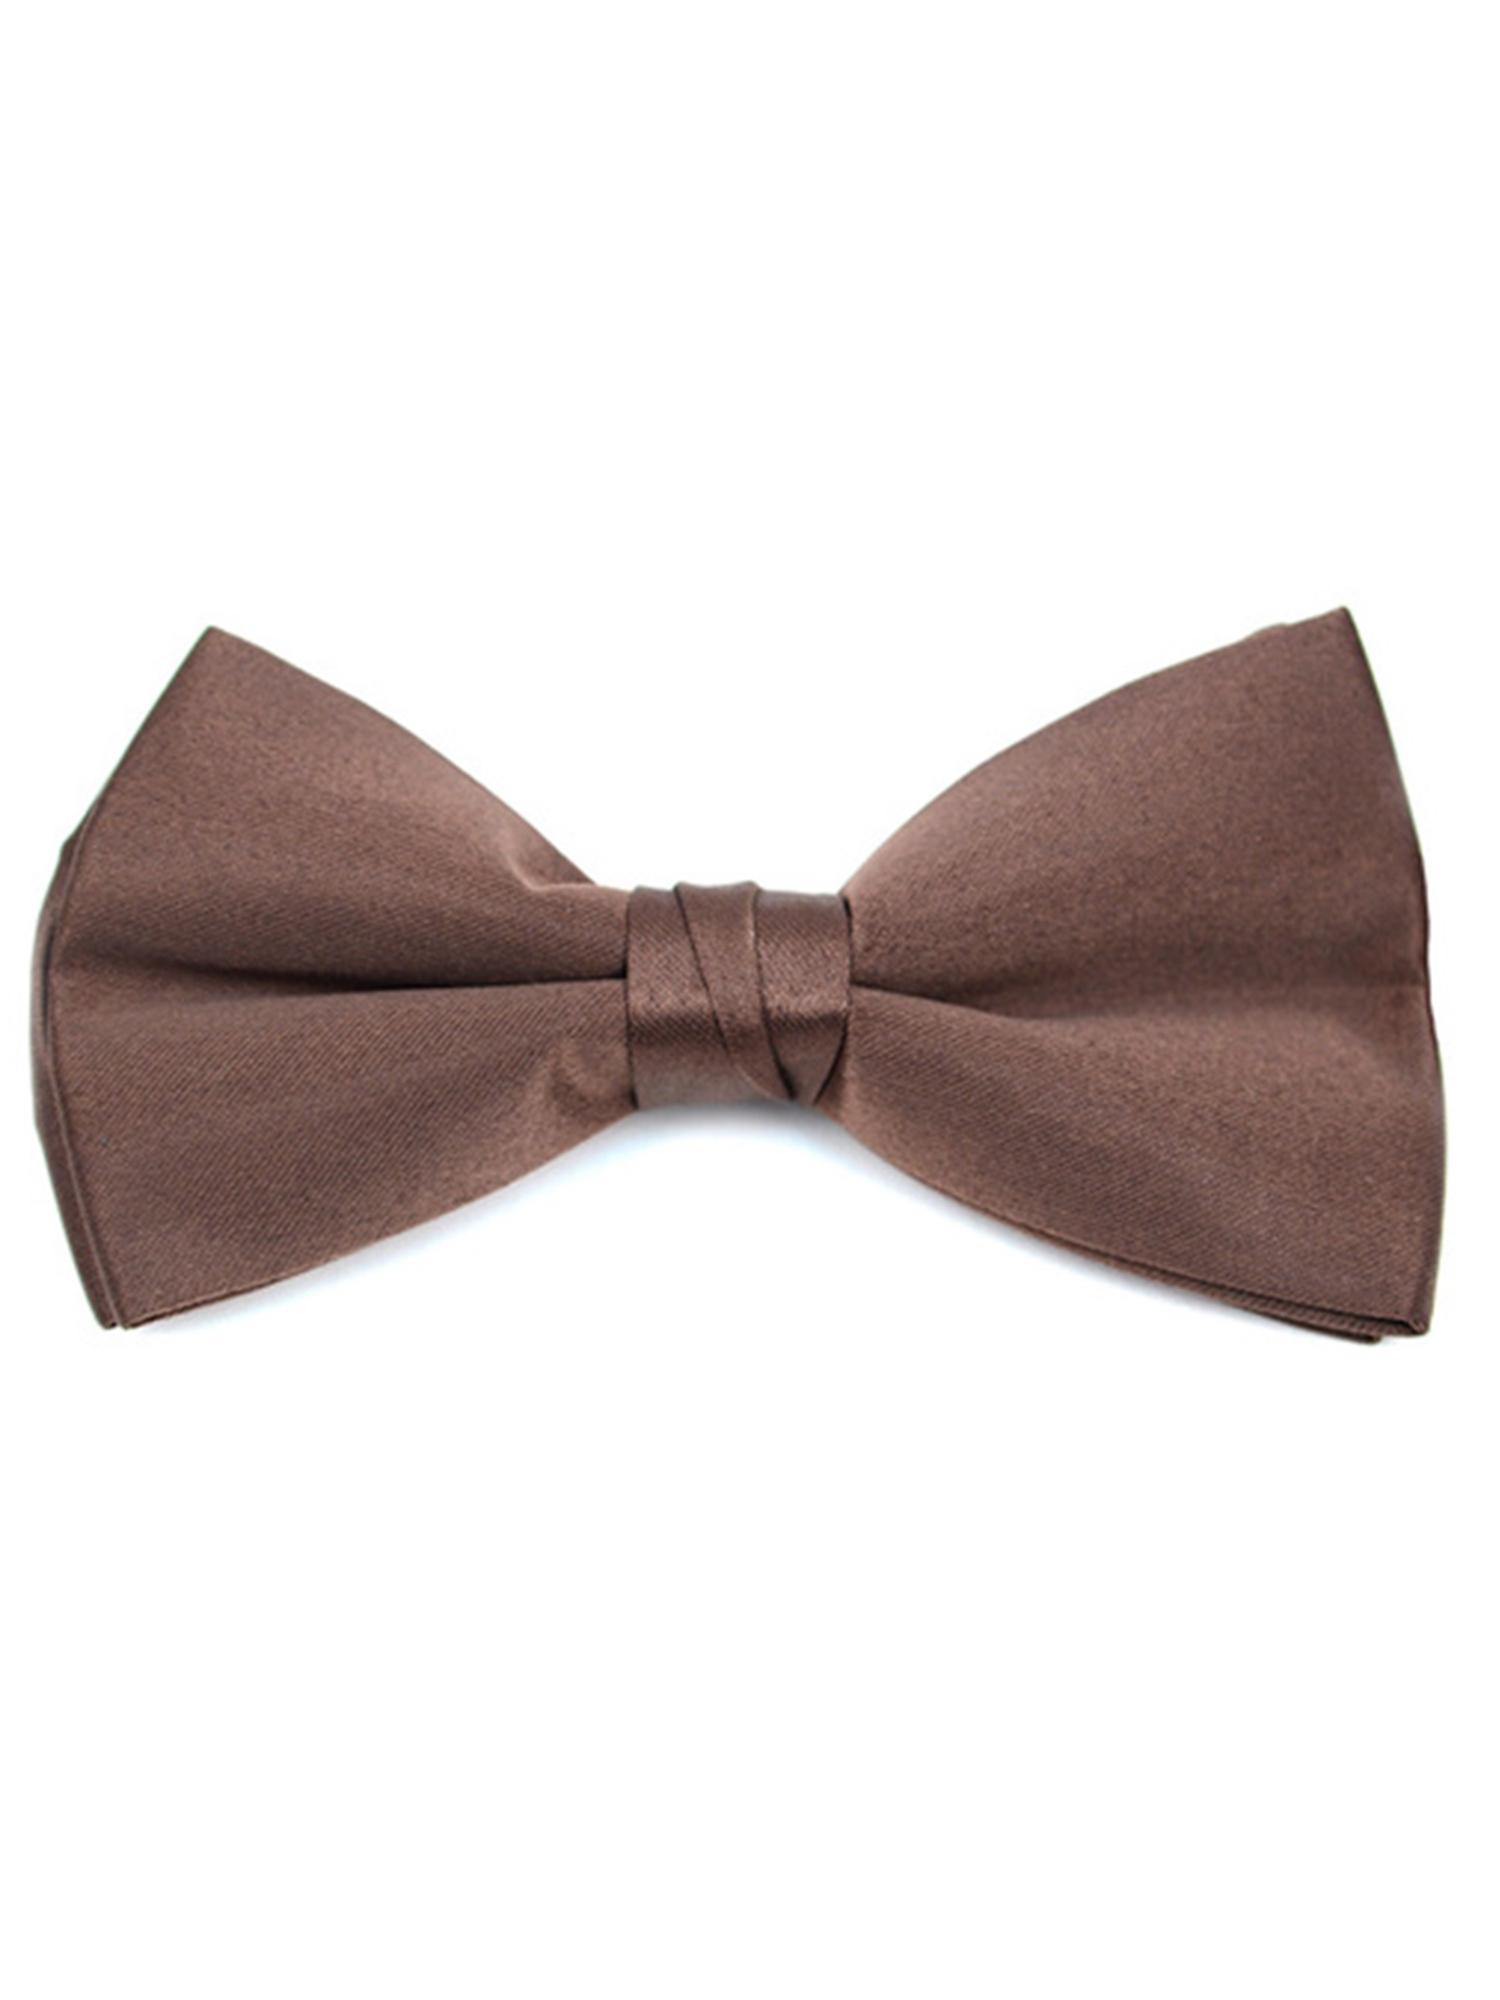 Young Boy's Pre-tied Adjustable Length Bow Tie - Formal Tuxedo Solid Color